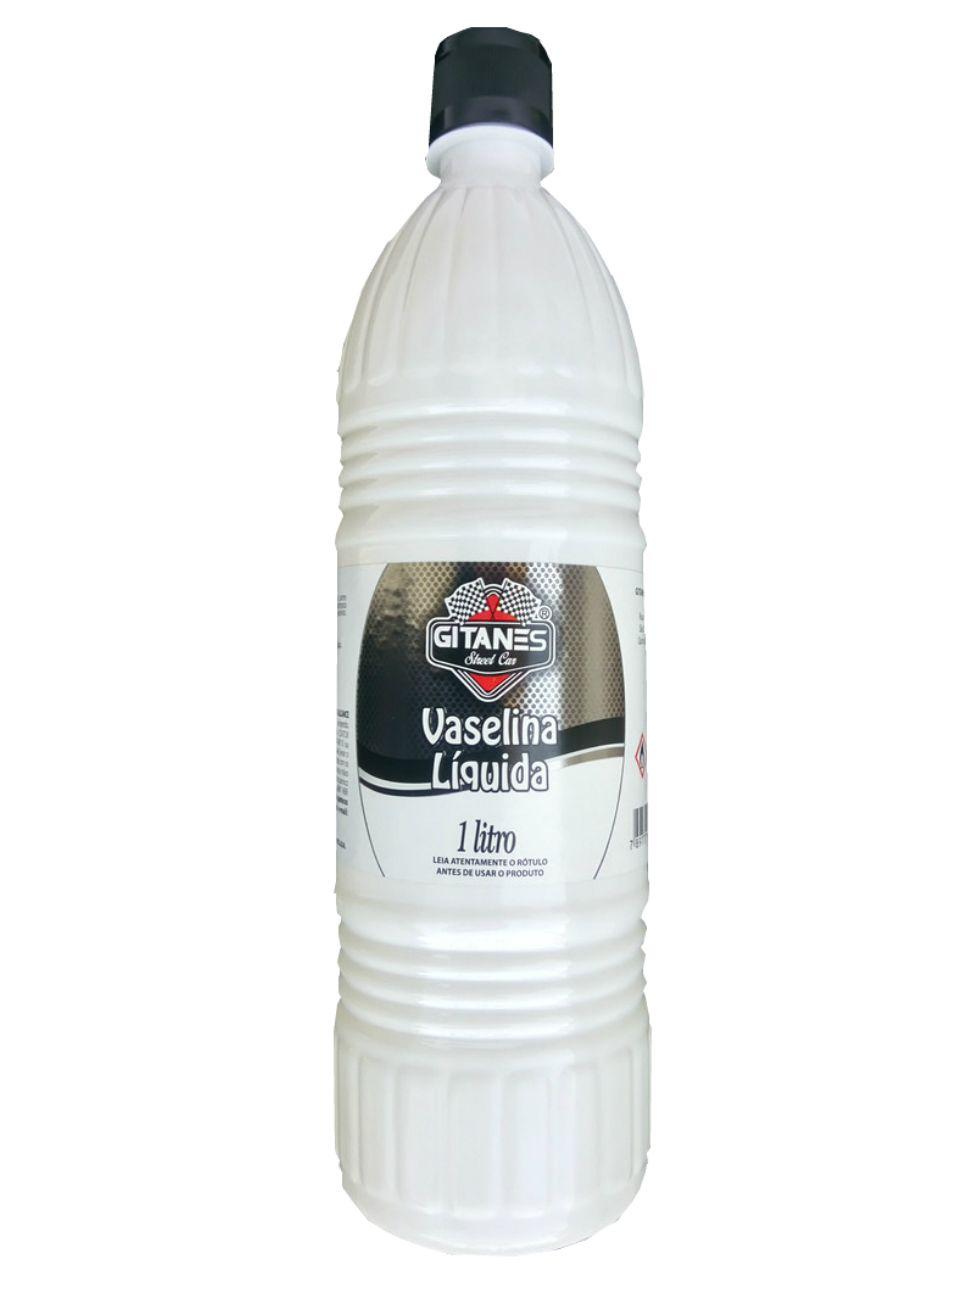 Vaselina Liquida Gitanes 1litro  - Rea Comércio - Sua Loja Completa!